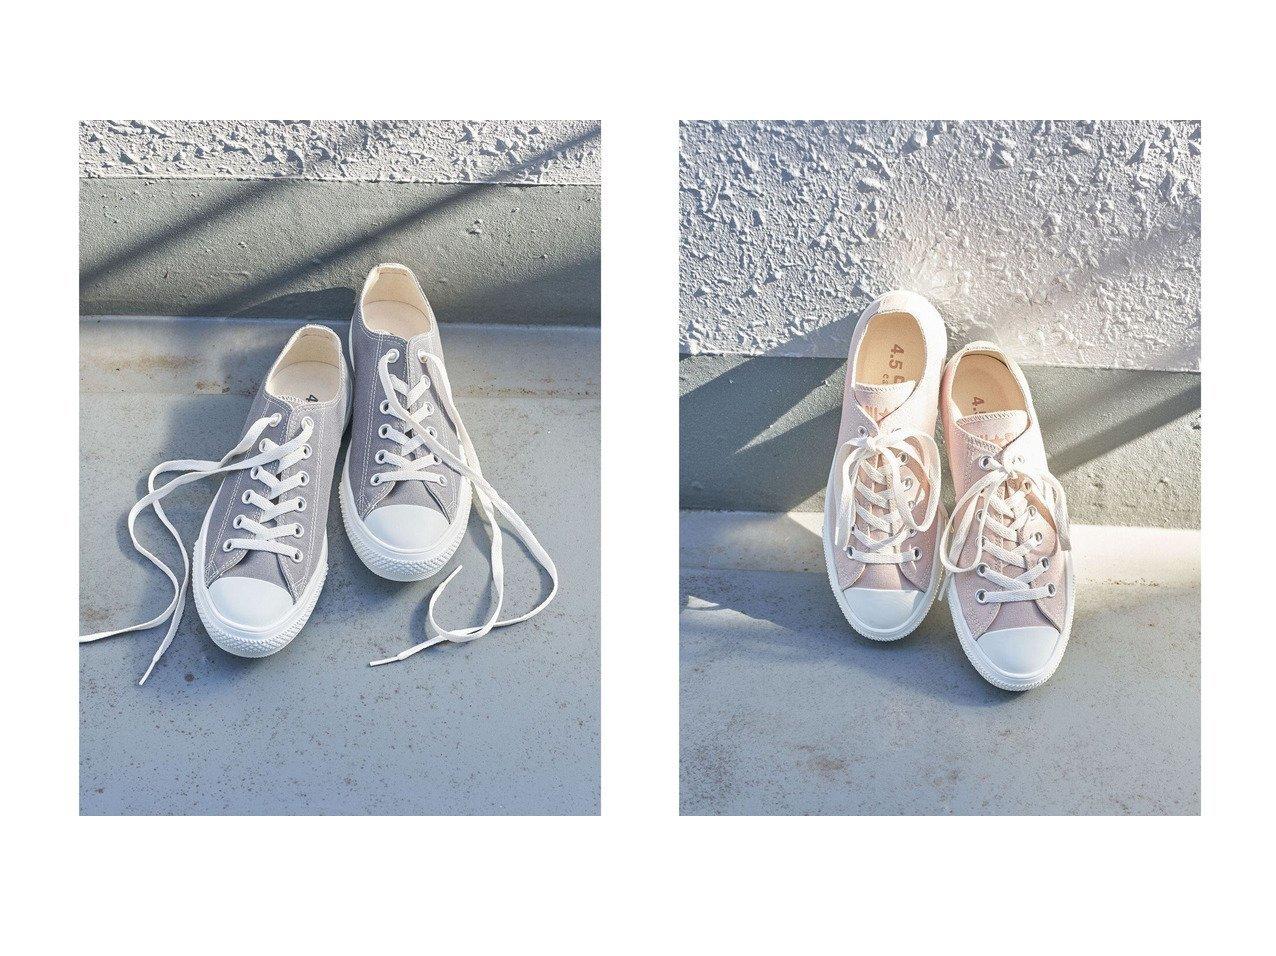 【earth music&ecology/アースミュージックアンドエコロジー】のCONVERSE×earthALLSTAR LIGHT OX 【シューズ・靴】おすすめ!人気、トレンド・レディースファッションの通販 おすすめで人気の流行・トレンド、ファッションの通販商品 インテリア・家具・メンズファッション・キッズファッション・レディースファッション・服の通販 founy(ファニー) https://founy.com/ ファッション Fashion レディースファッション WOMEN 春 Spring キャンバス 軽量 シューズ シンプル スニーカー スマート 定番 Standard 人気 パステル 別注 送料無料 Free Shipping おすすめ Recommend  ID:crp329100000048158